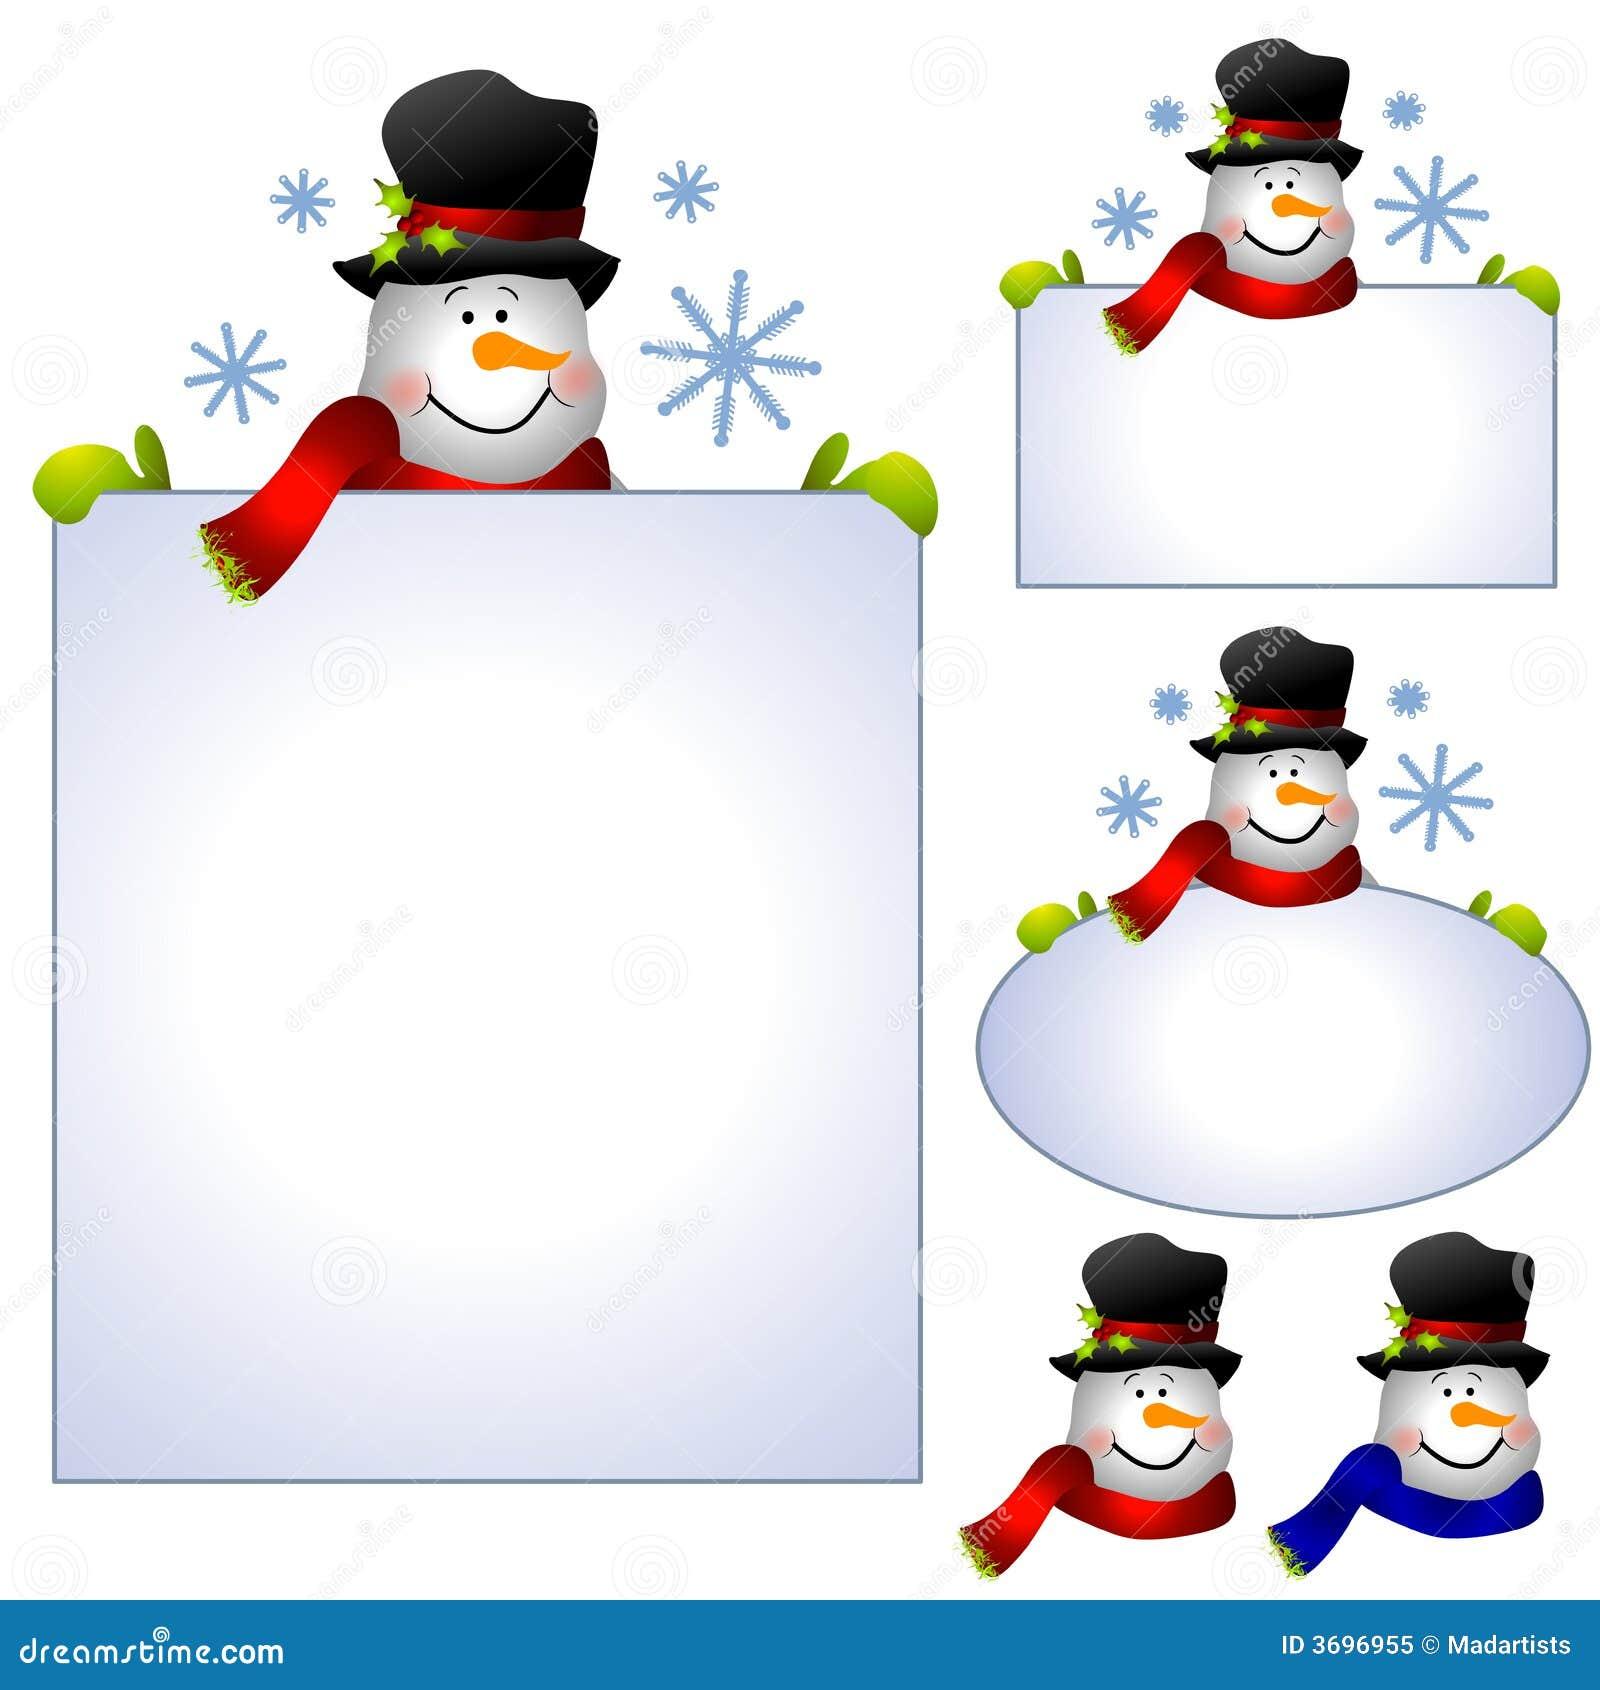 Drapeaux et cadres de clipart images graphiques de bonhomme de neige illustration stock - Clipart bonhomme de neige ...